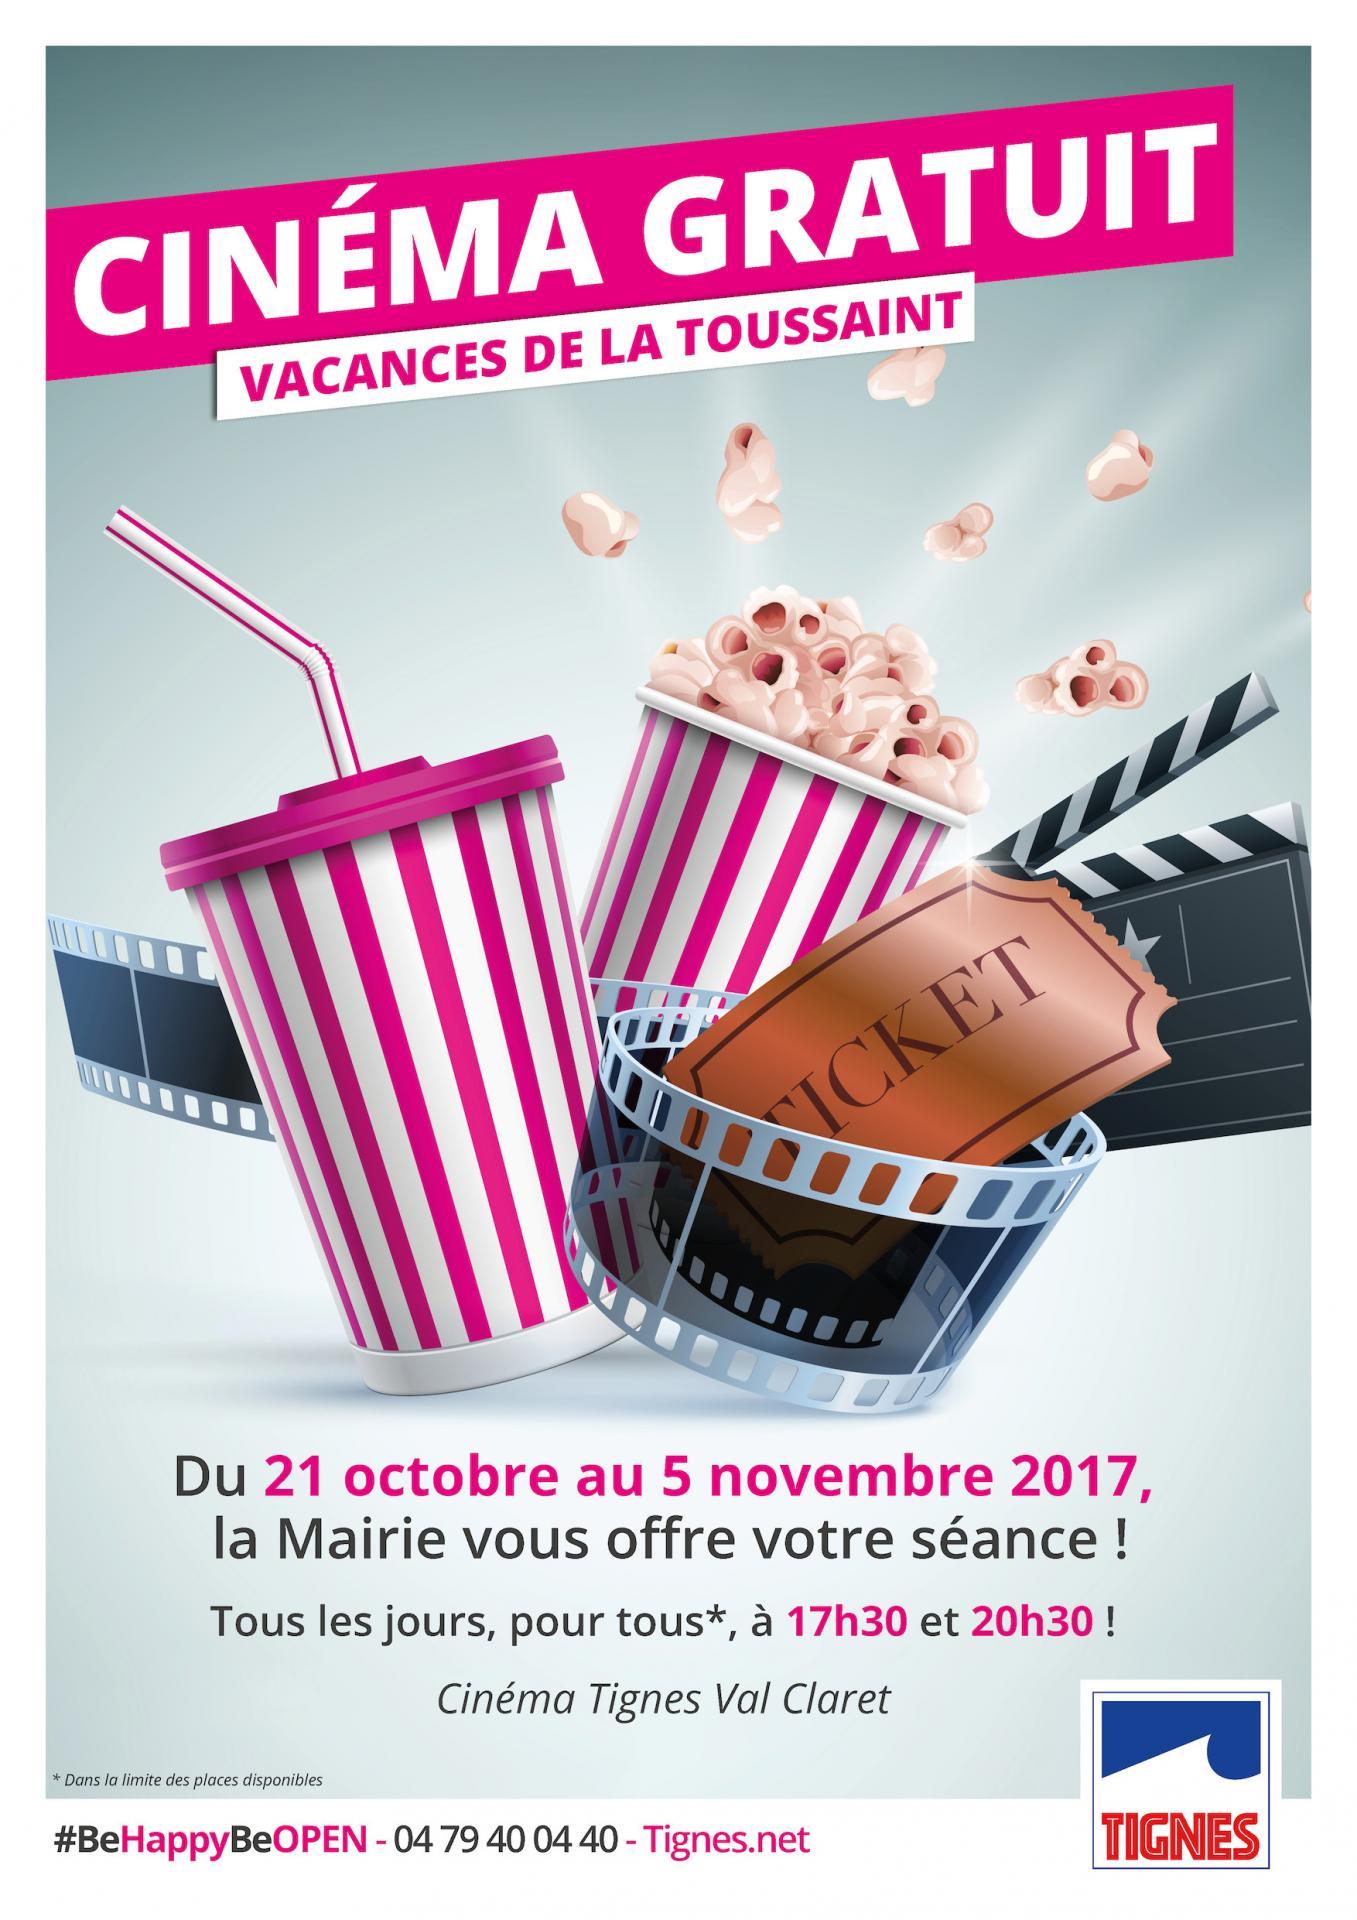 Cinéma gratuit à Tignes pour la Toussaint